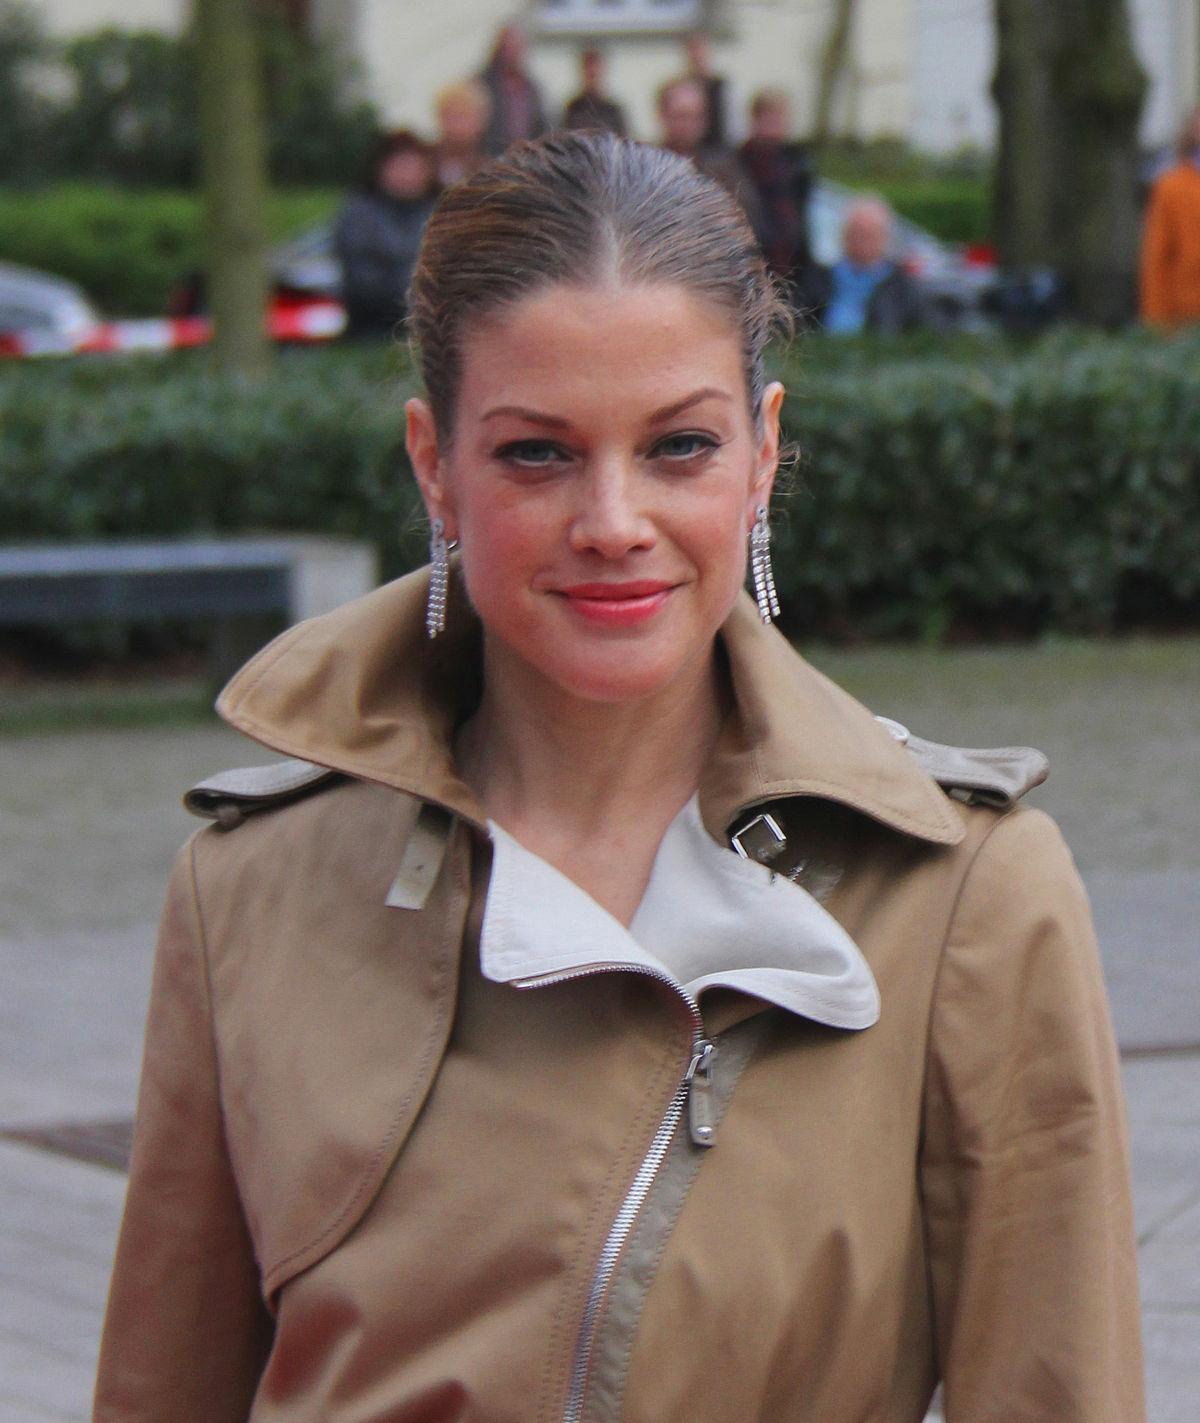 image Marie baumer das adlon